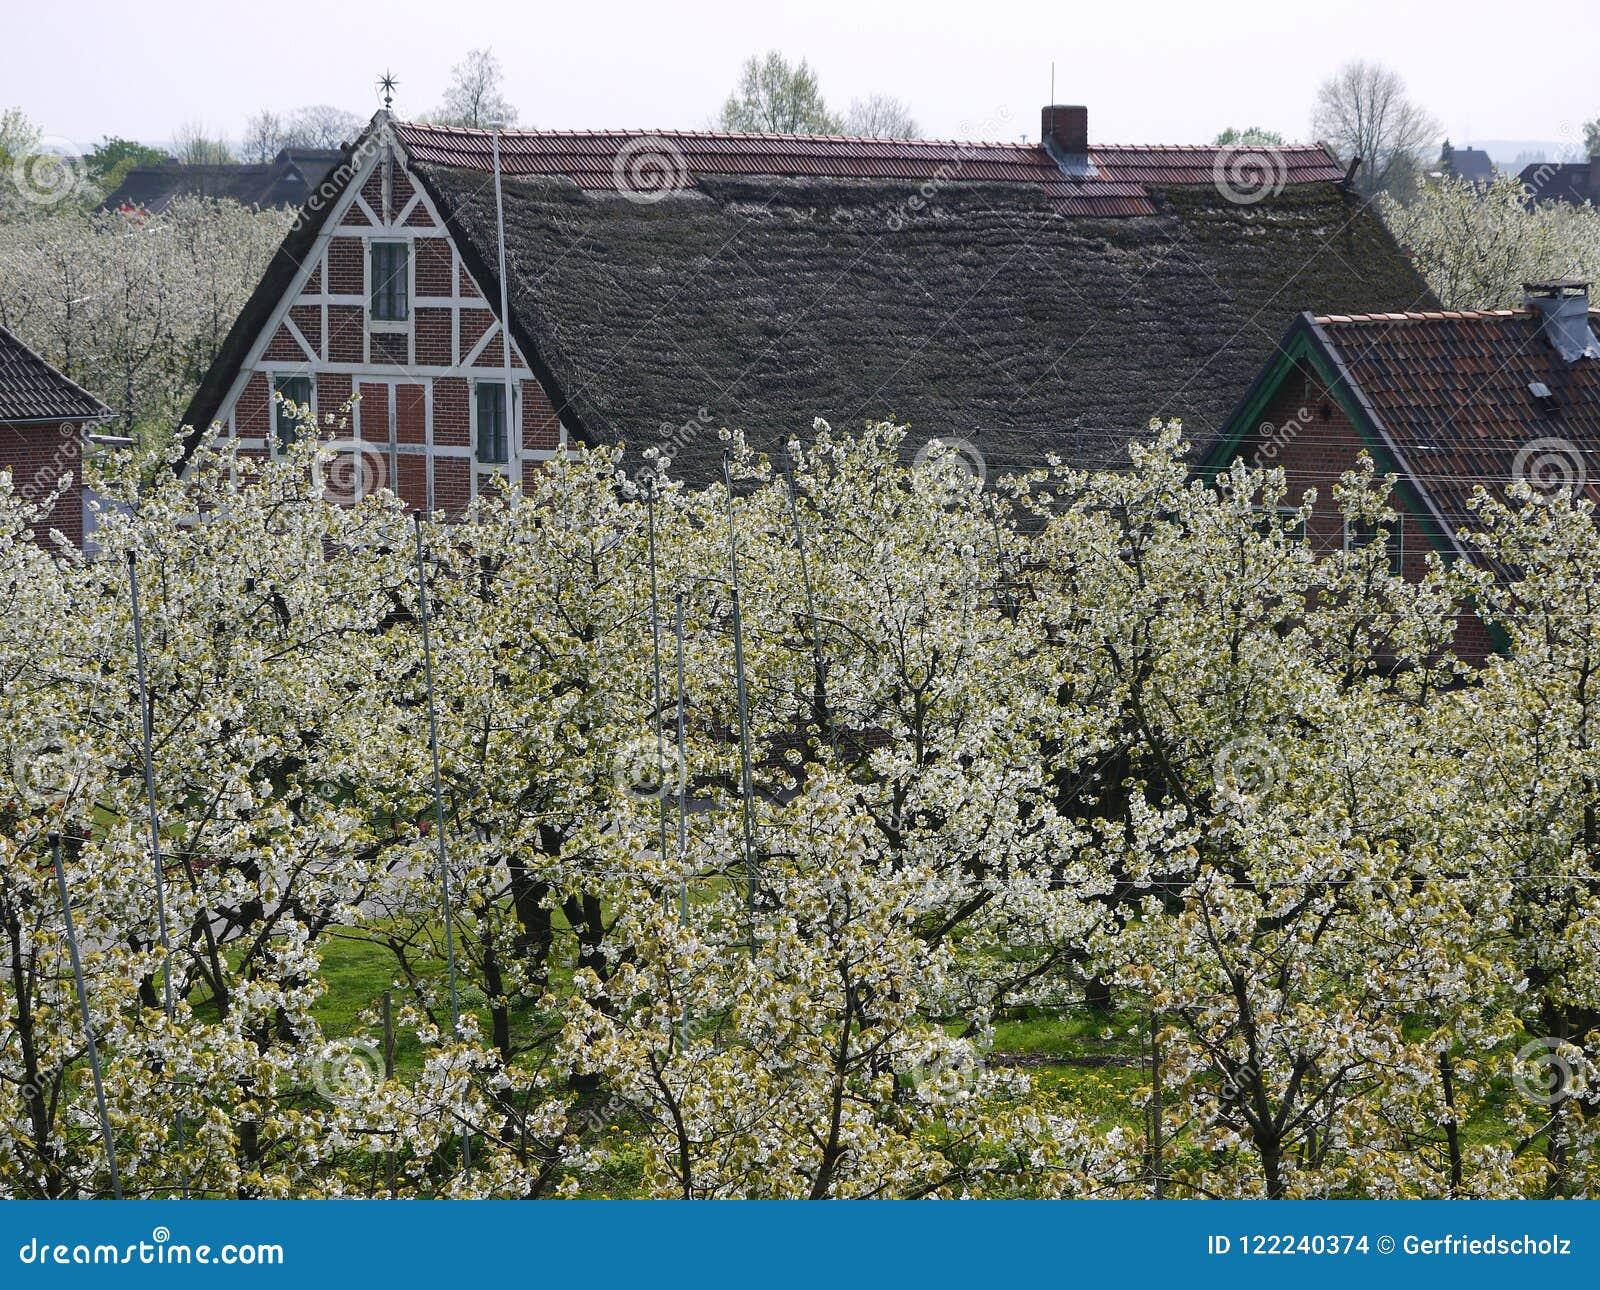 Houseroofs i en körsbärsröd koloni för blomningträd som bands för att belägga med metall poler, förband med tråd, suddig bakgrund